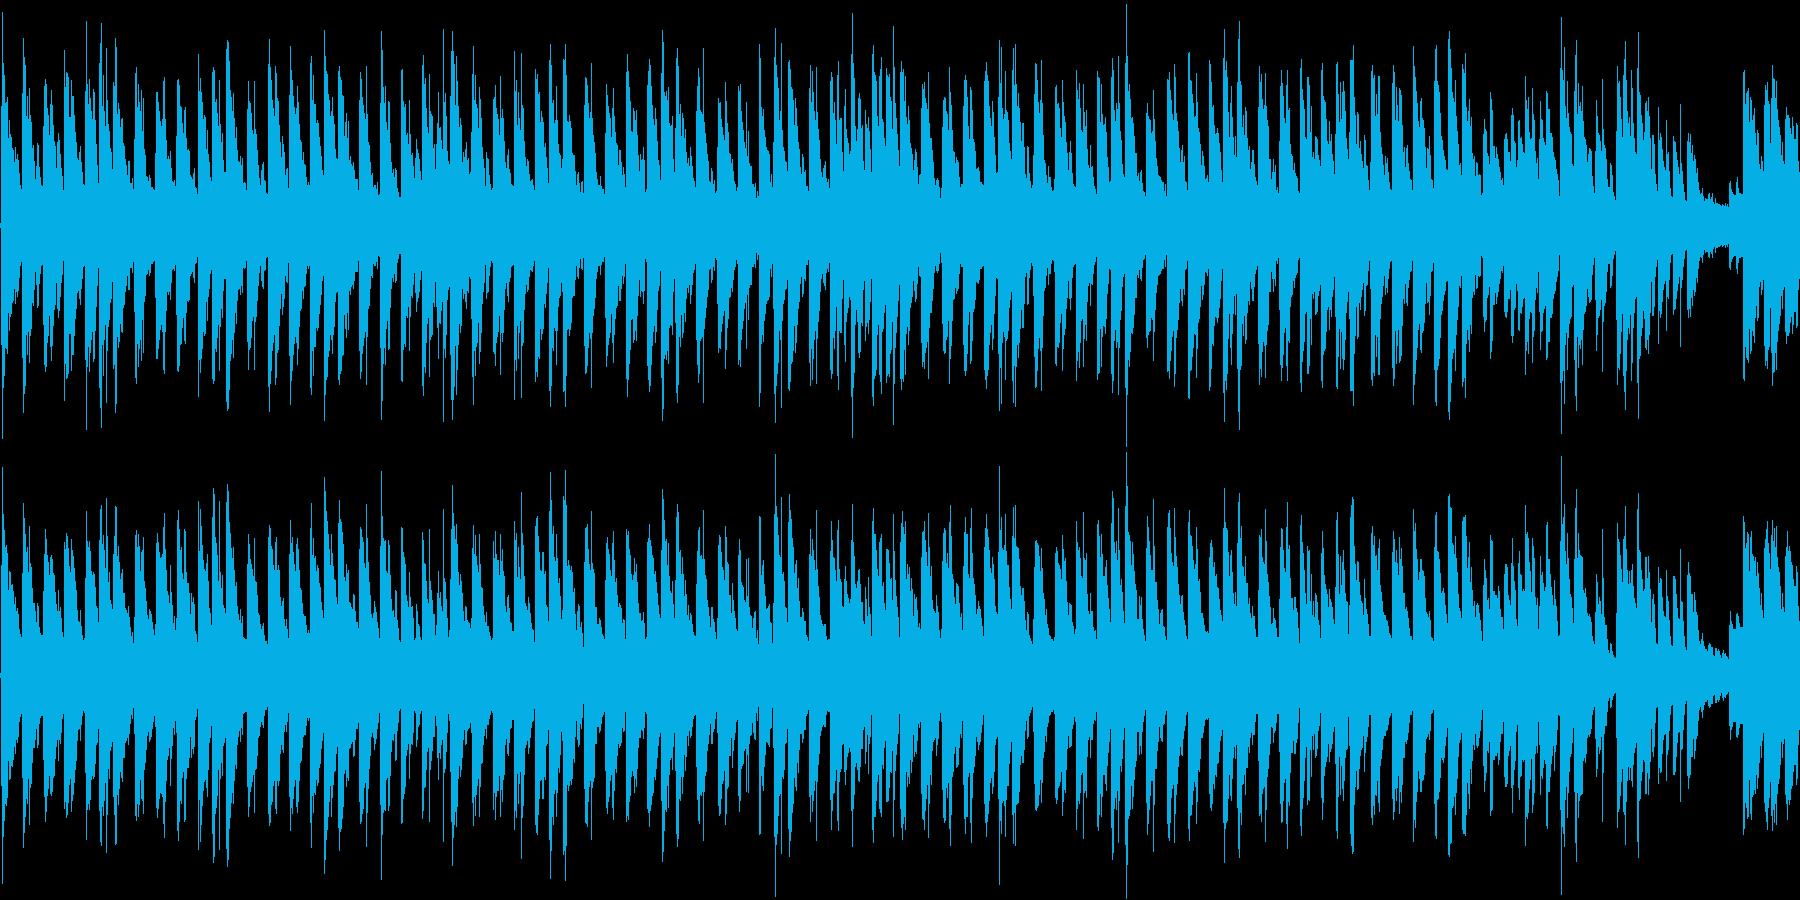 ループ素材。の再生済みの波形